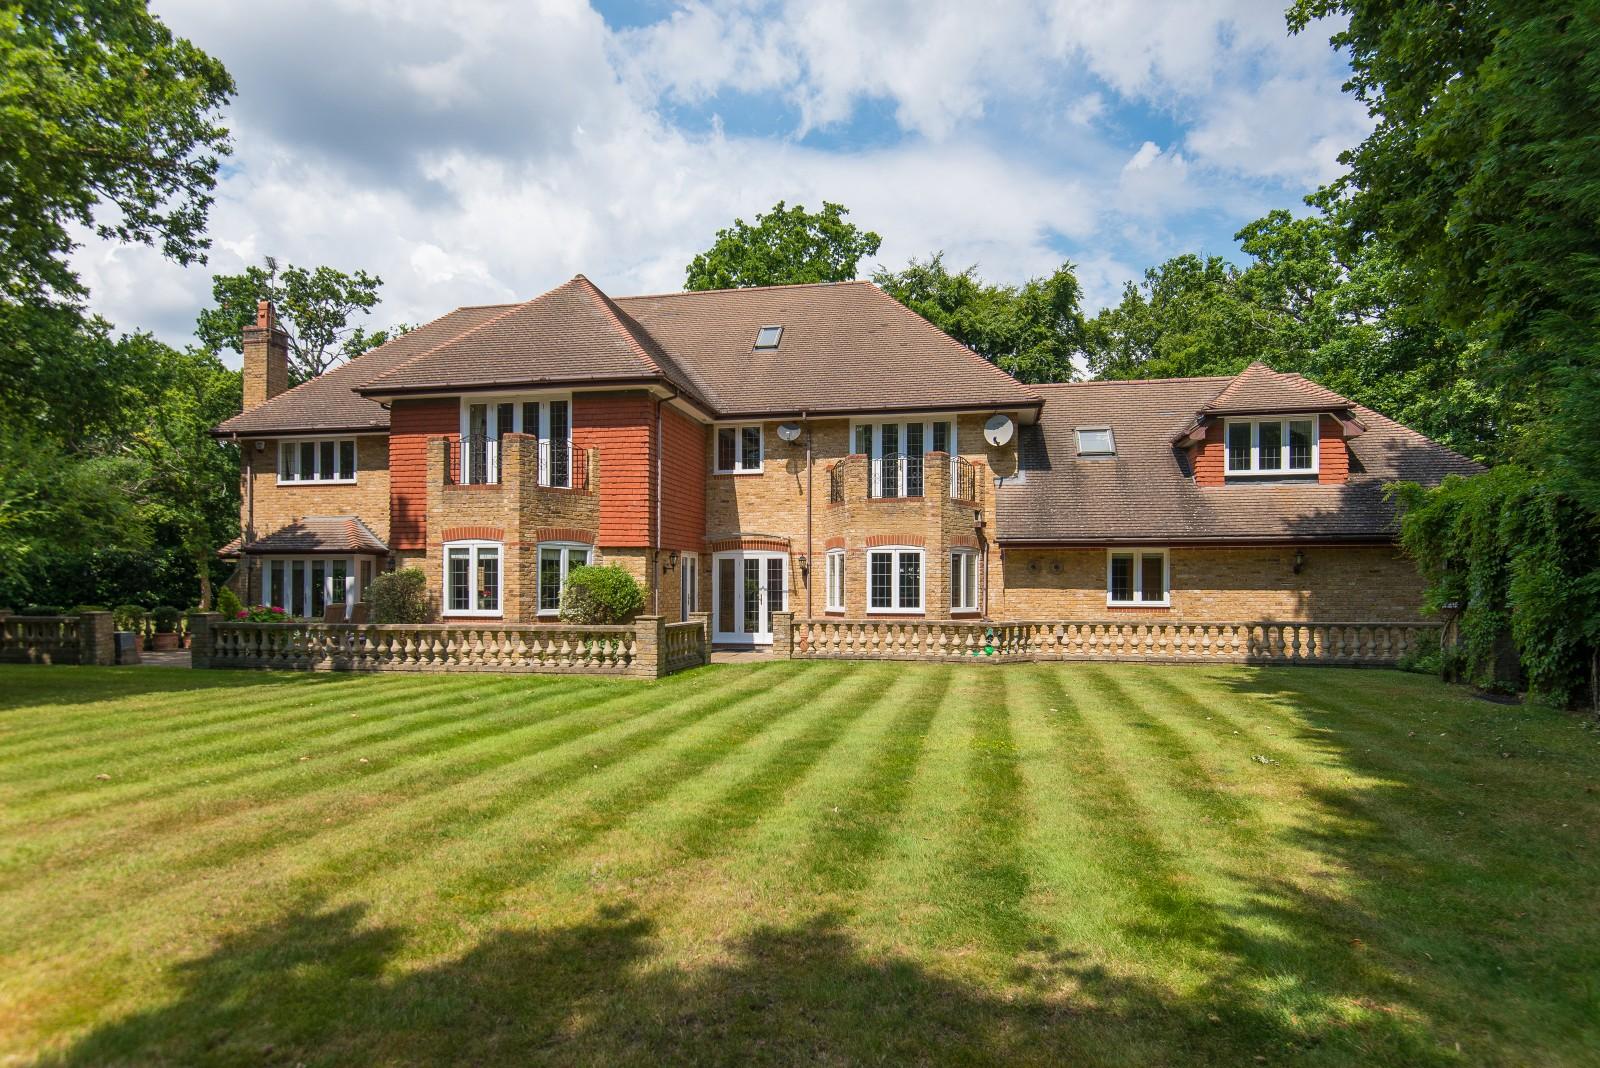 Μονοκατοικία για την Ενοίκιο στο Dukes Kiln Drive, Gerrards Cross, SL9 Gerrards Cross, Αγγλια